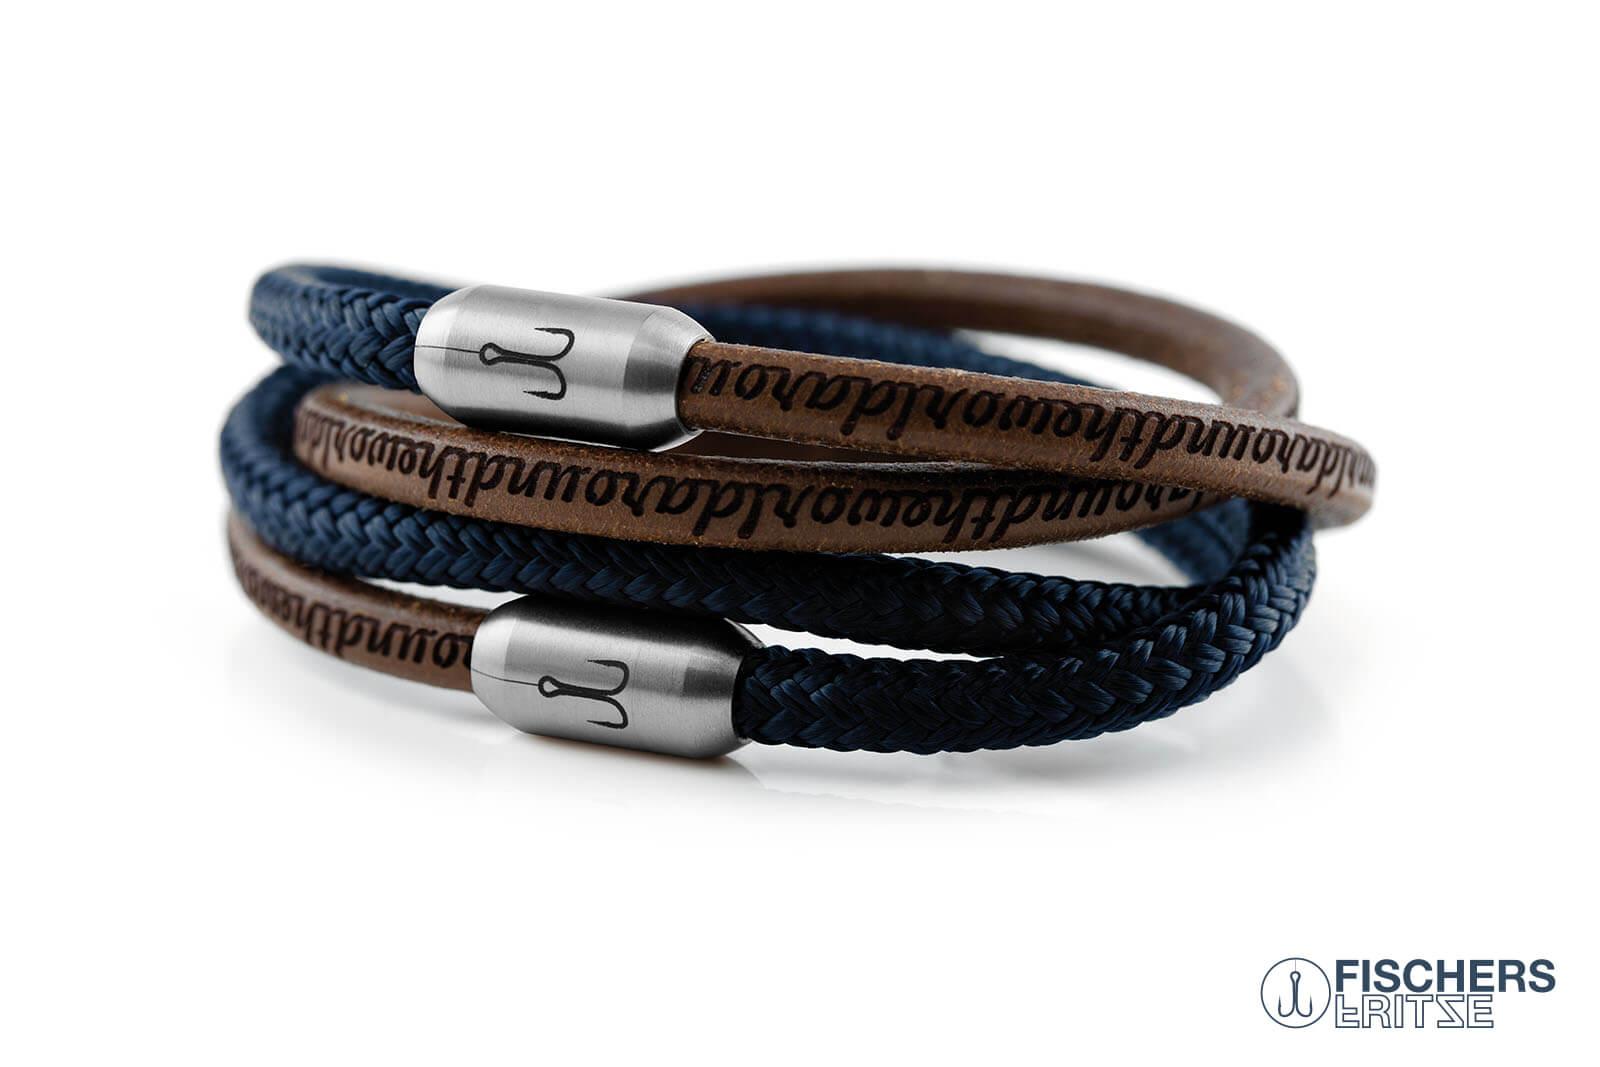 armband-fischers-fritze-kombigarnele-natur-gefettet-blau-leder-segeltau